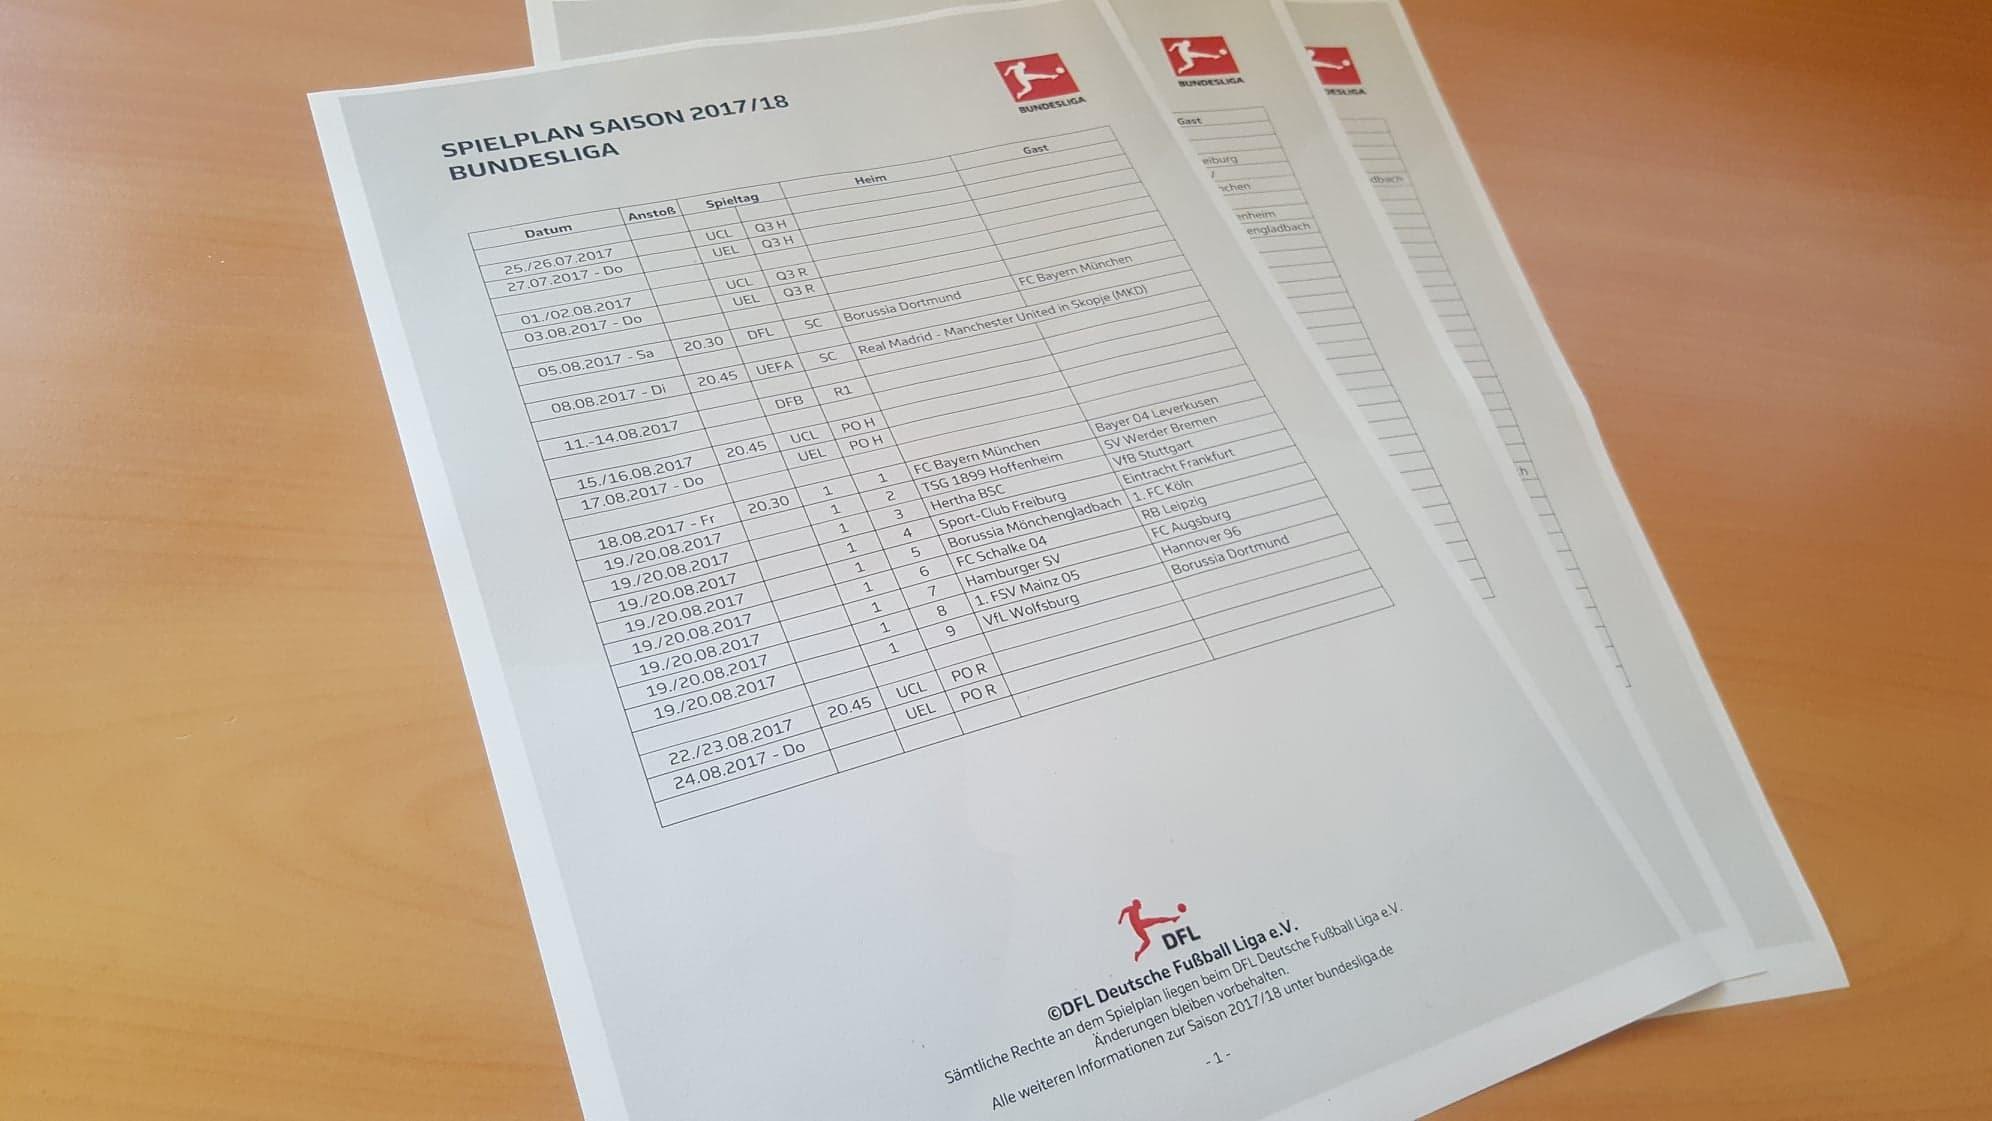 Dfl Terminiert Spieltage 7 Bis 14 Sge4everde Das Onlinemagazin